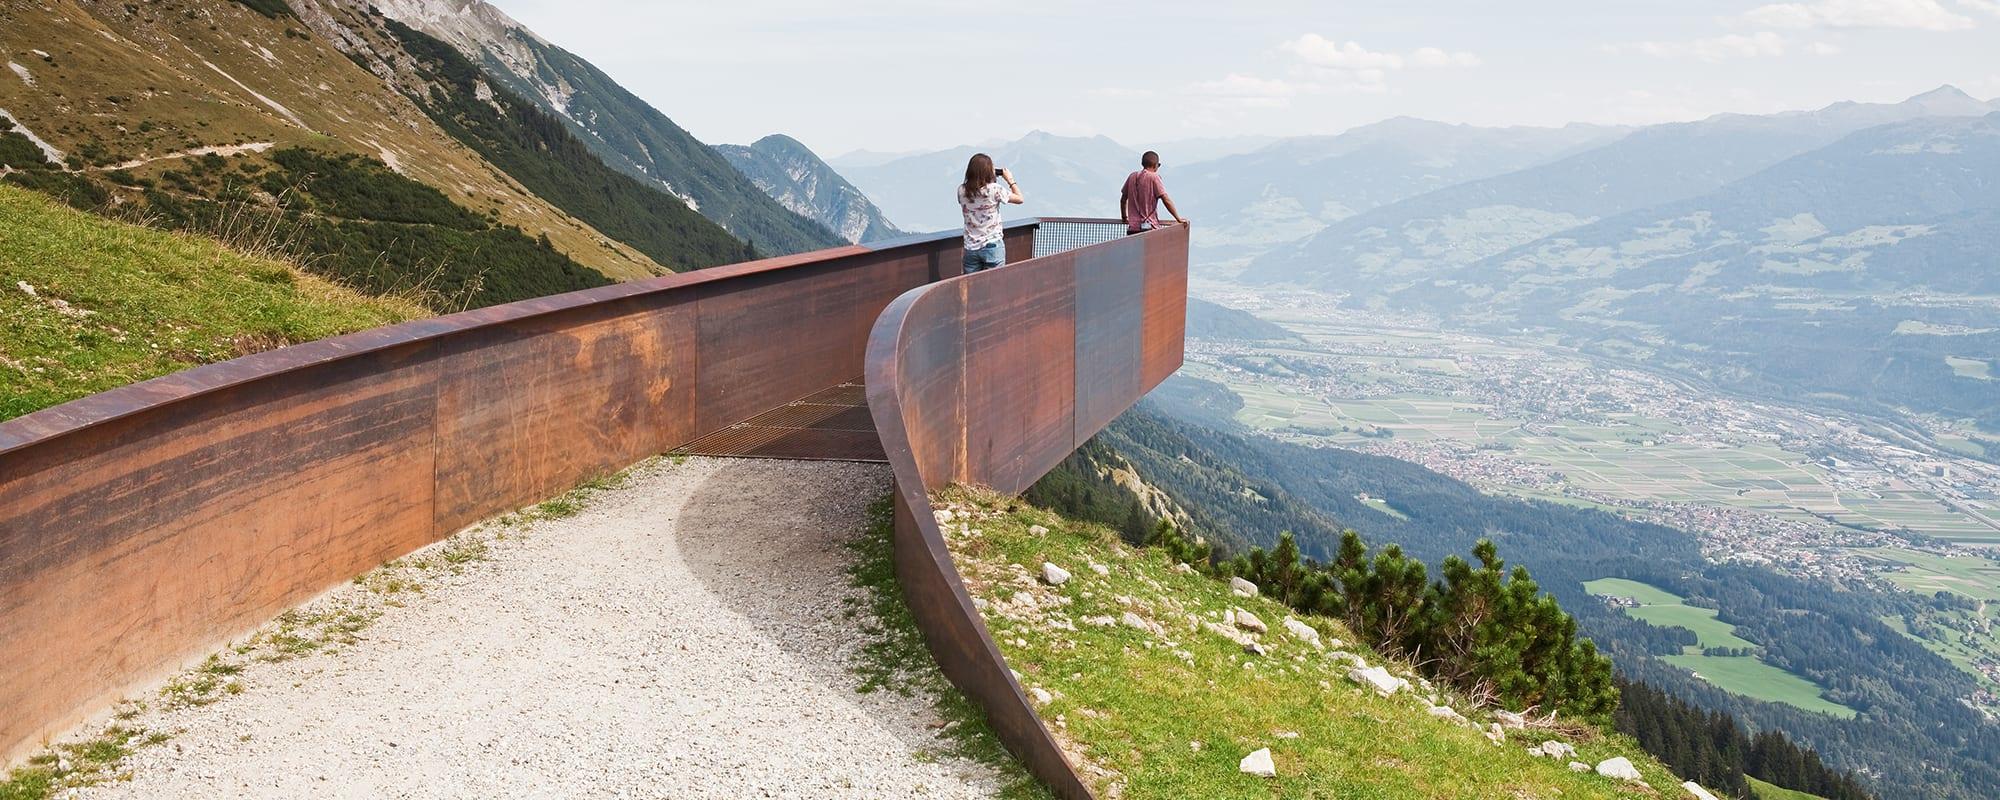 Snøhetta, Innsbruck, Landscape, Architecture